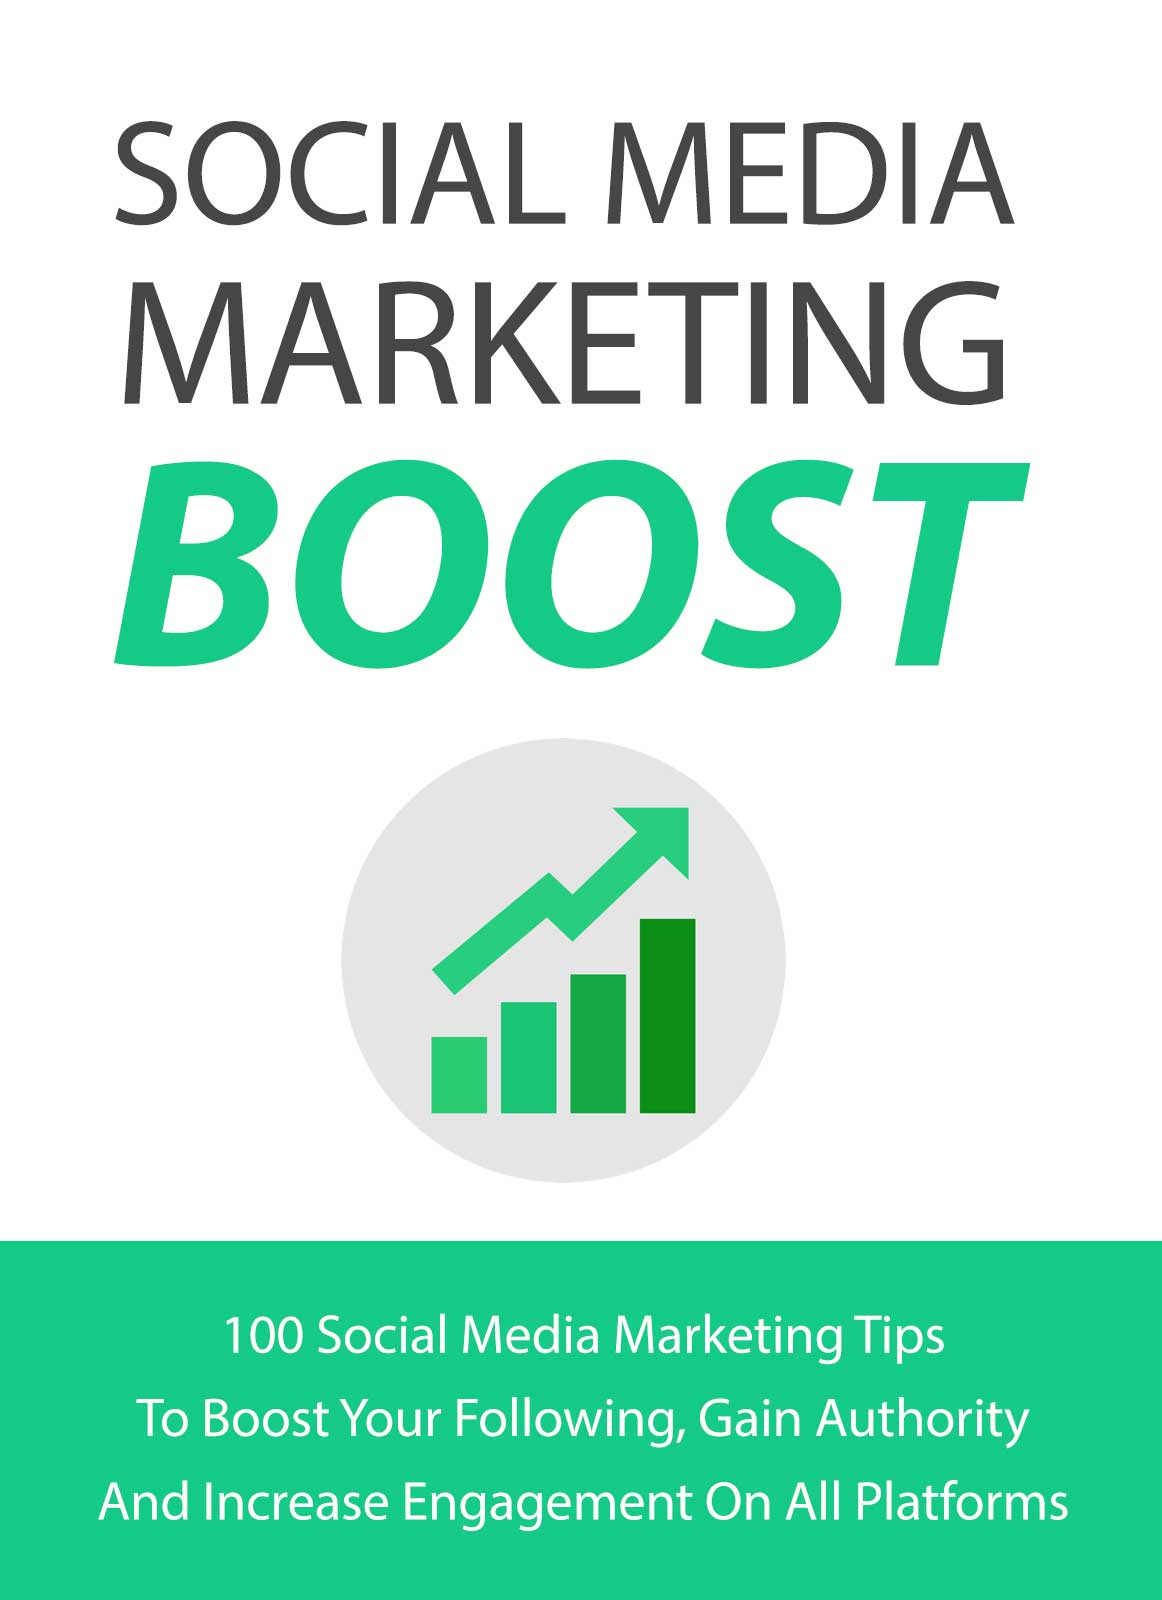 Social-Media-Marketing-Boost-1